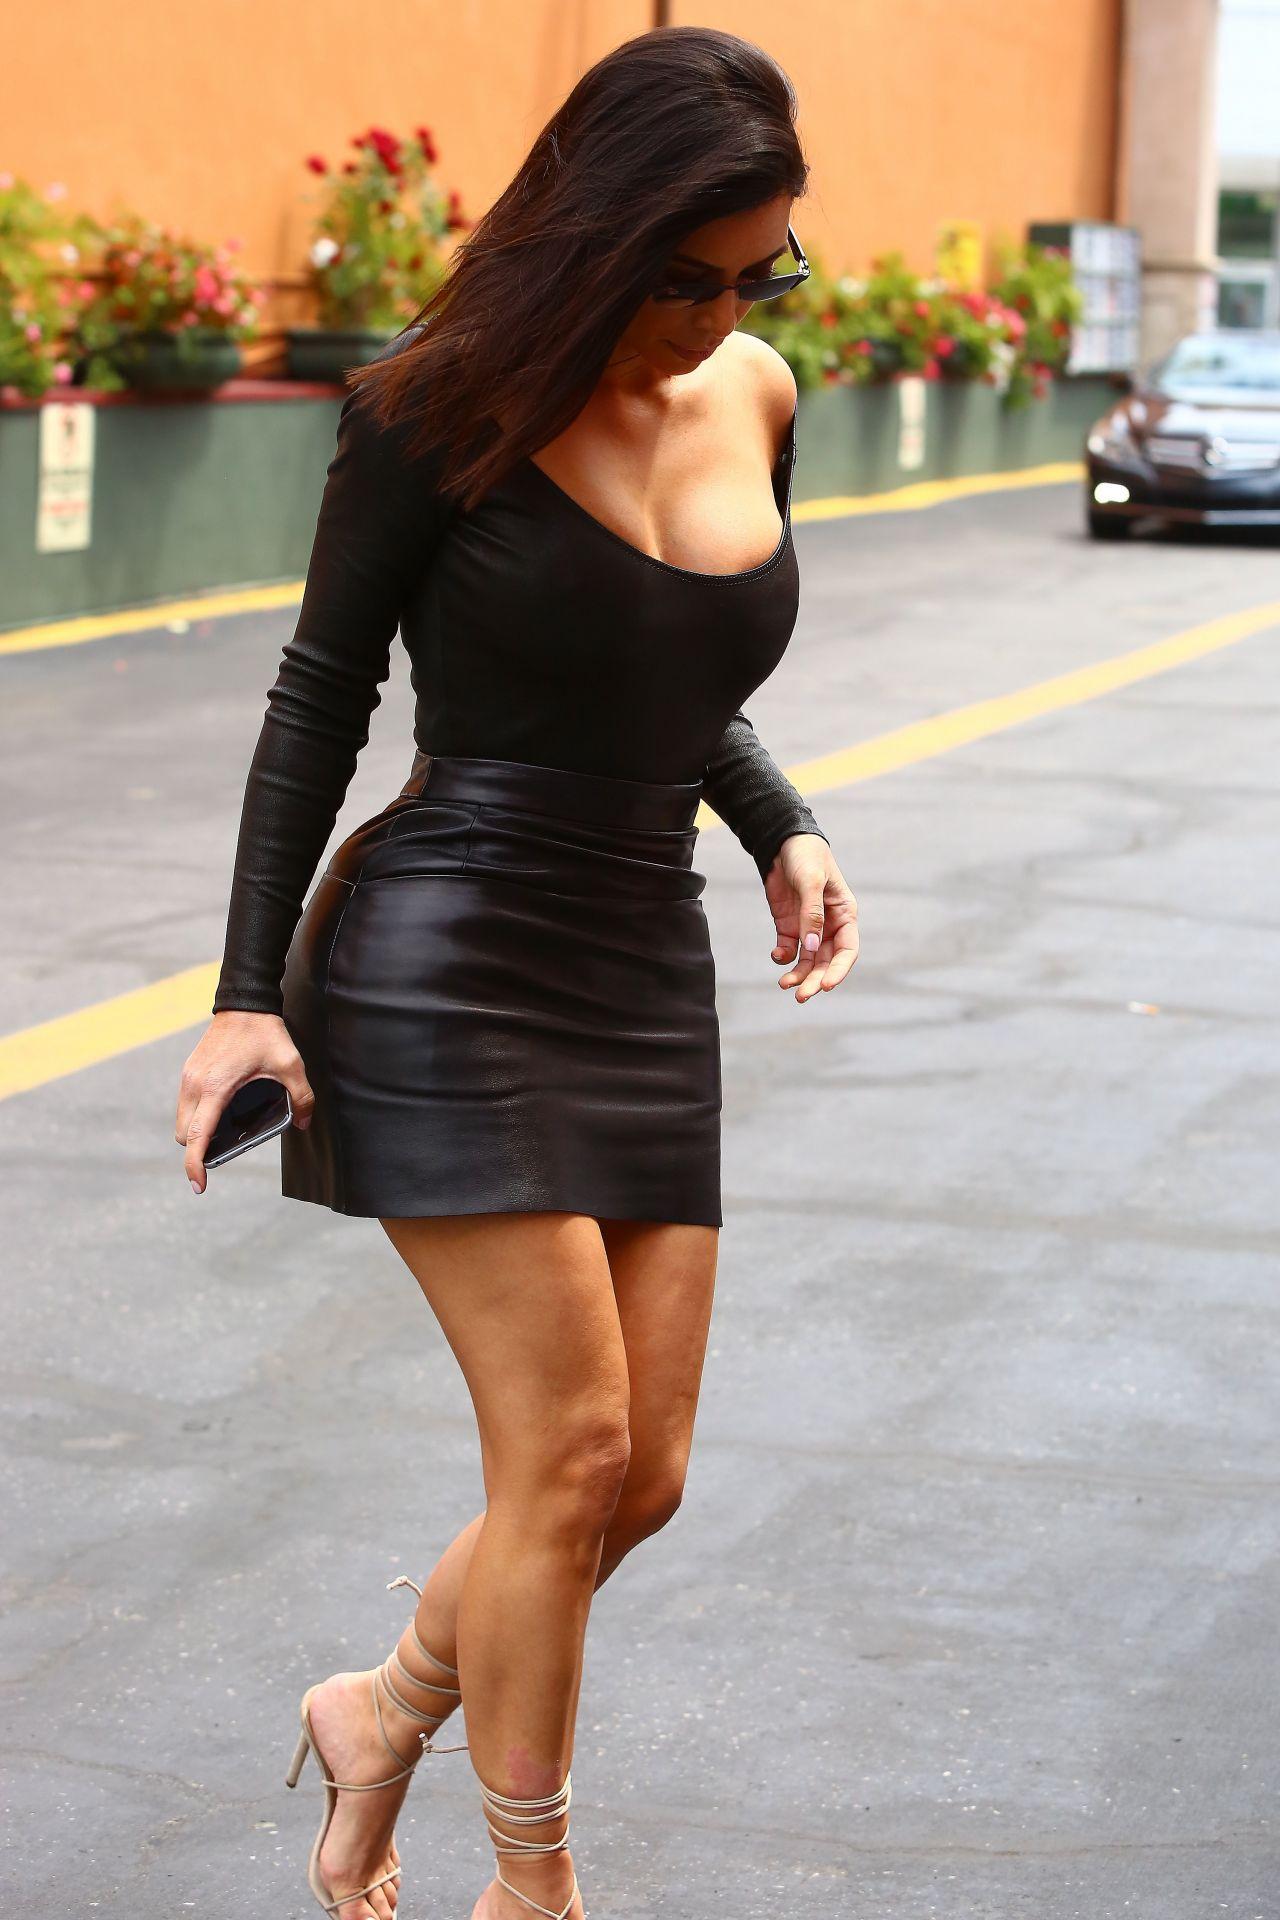 Kim Kardashian In Skintight Black Outfit Arrives To Film